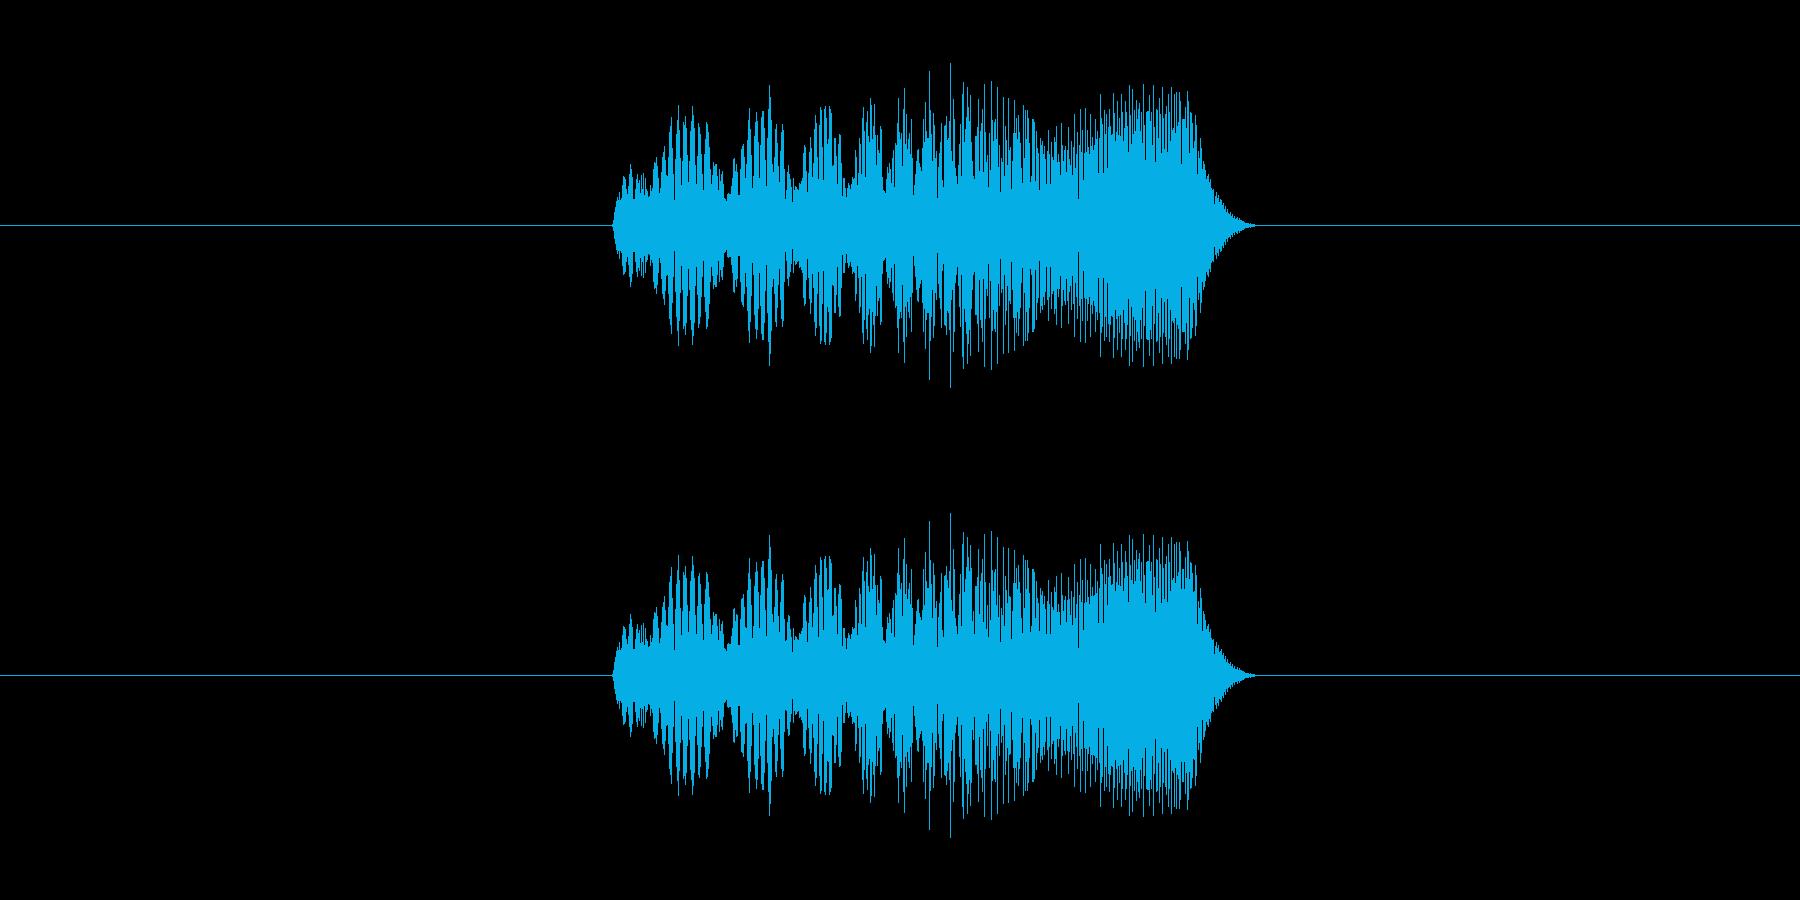 スマホアプリ等の決定音の再生済みの波形